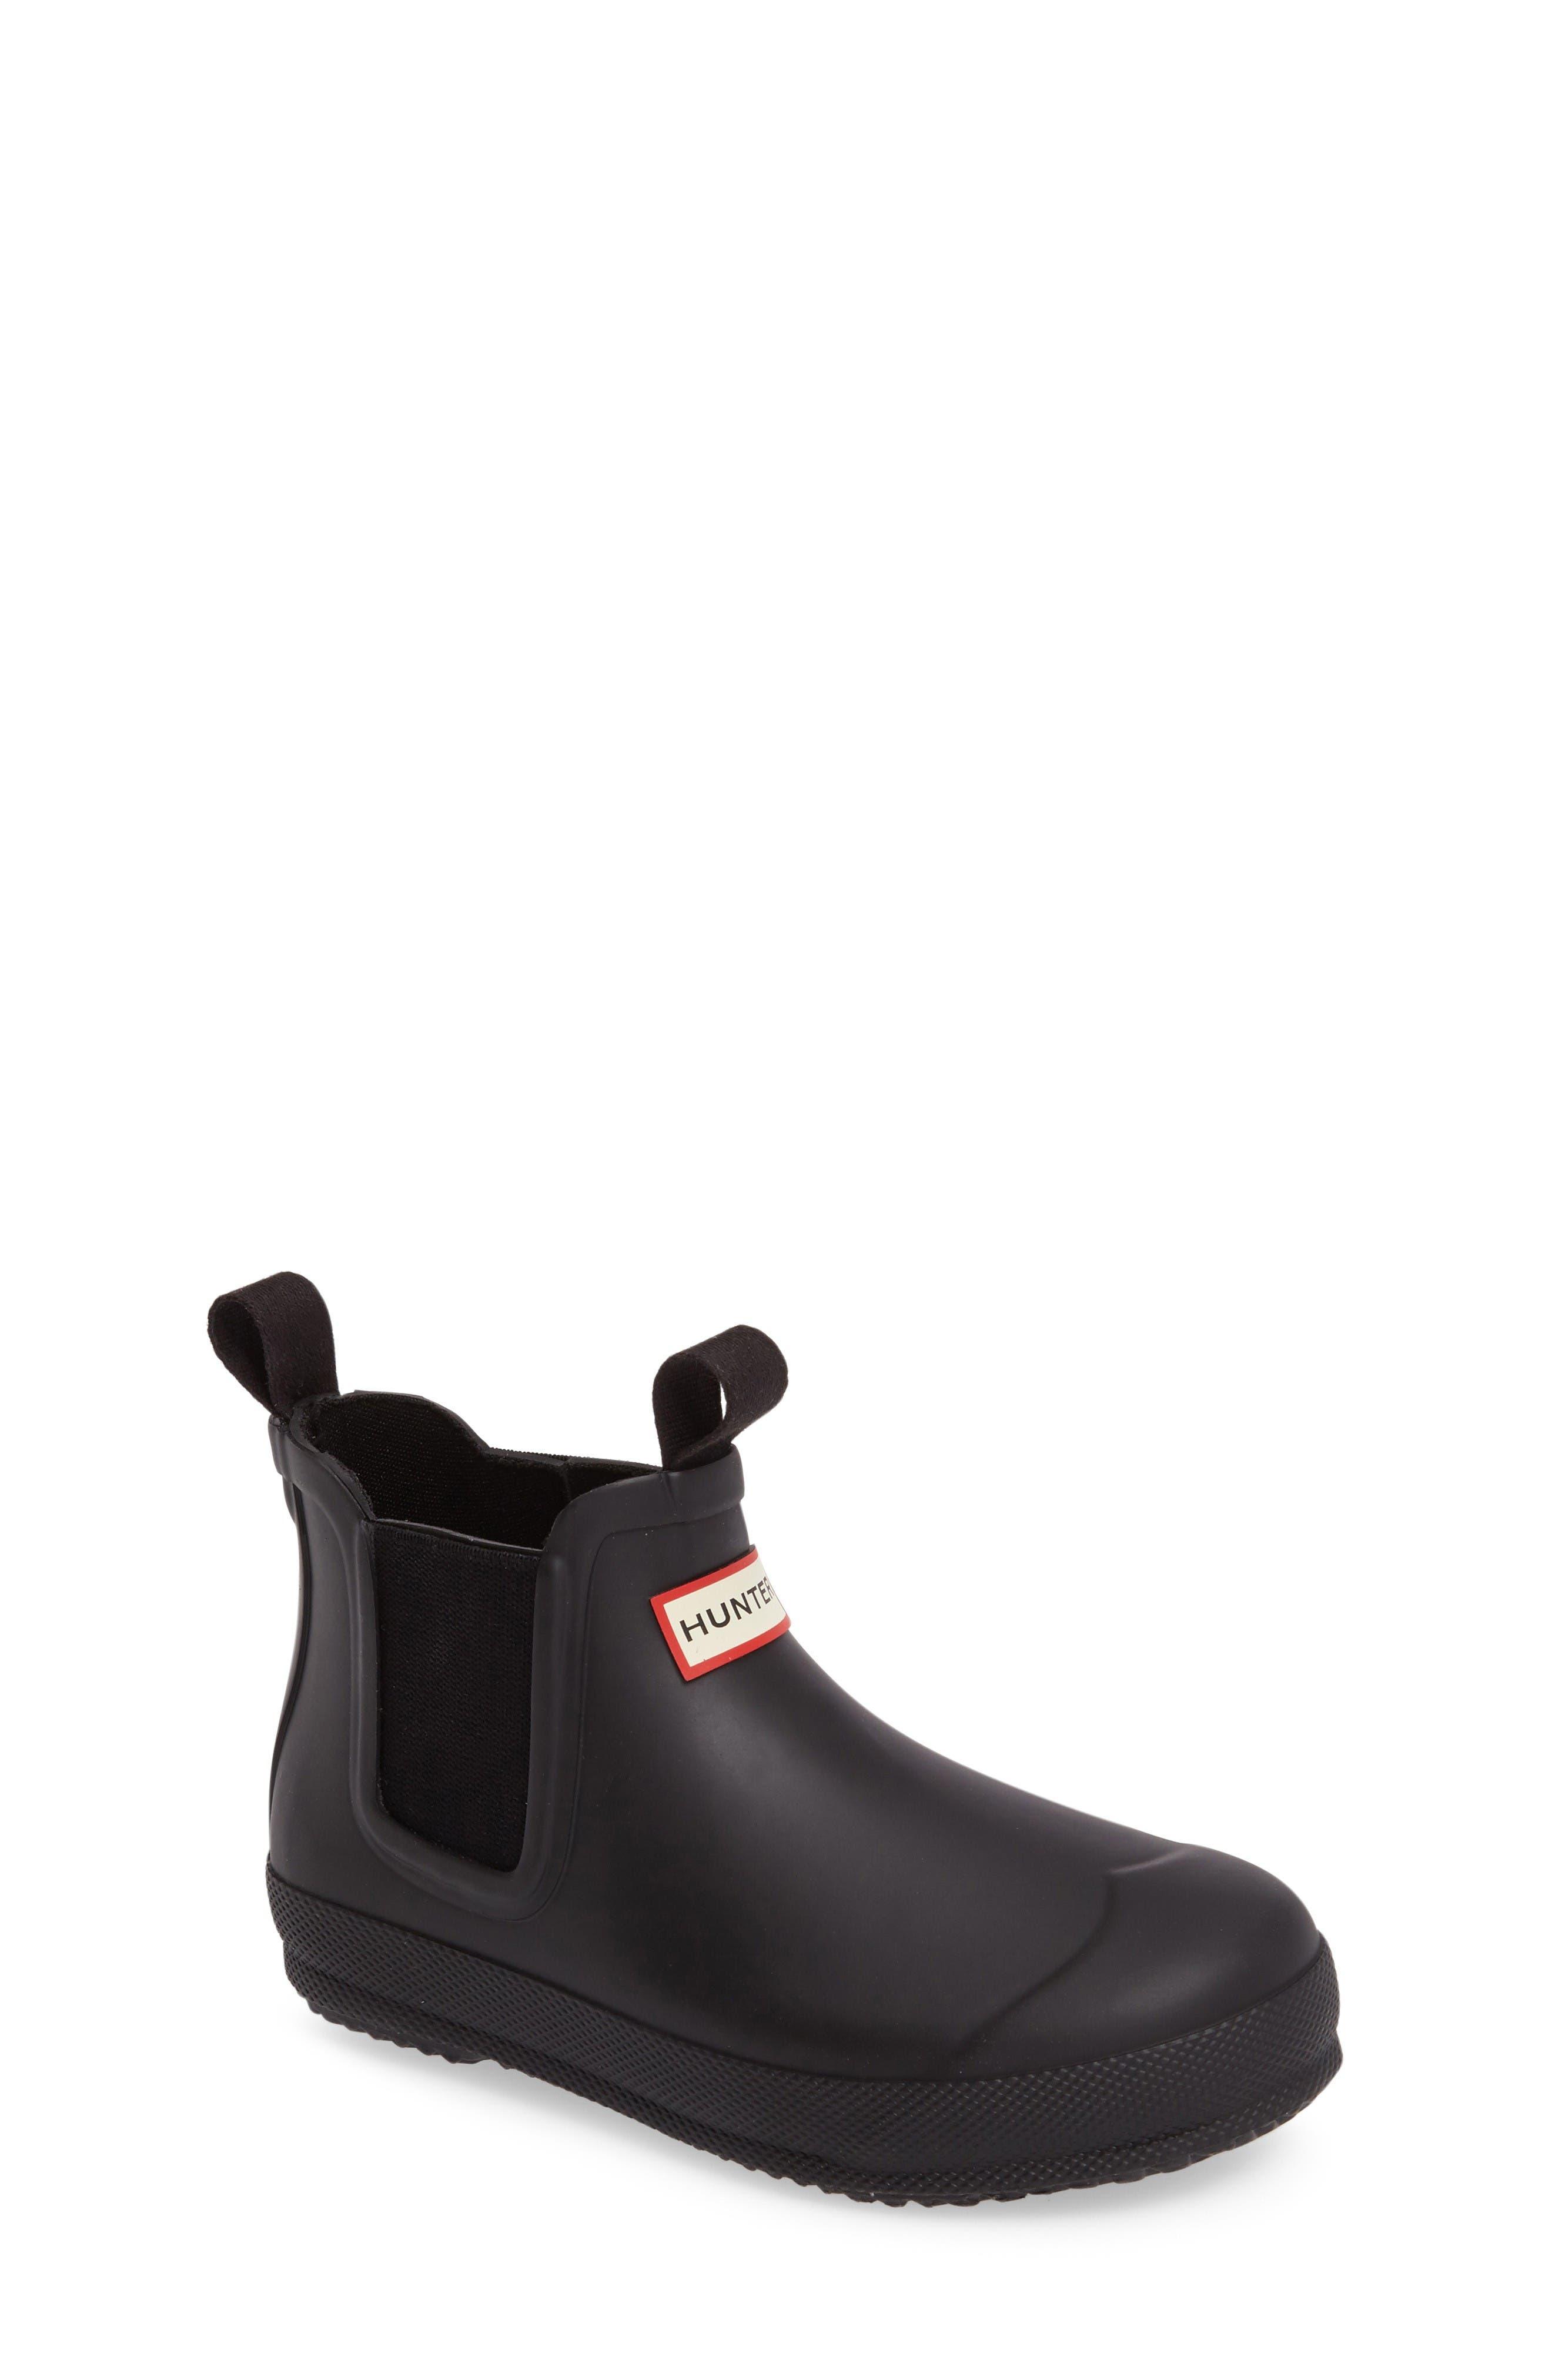 Alternate Image 1 Selected - Hunter Original Waterproof Chelsea Boot (Toddler)